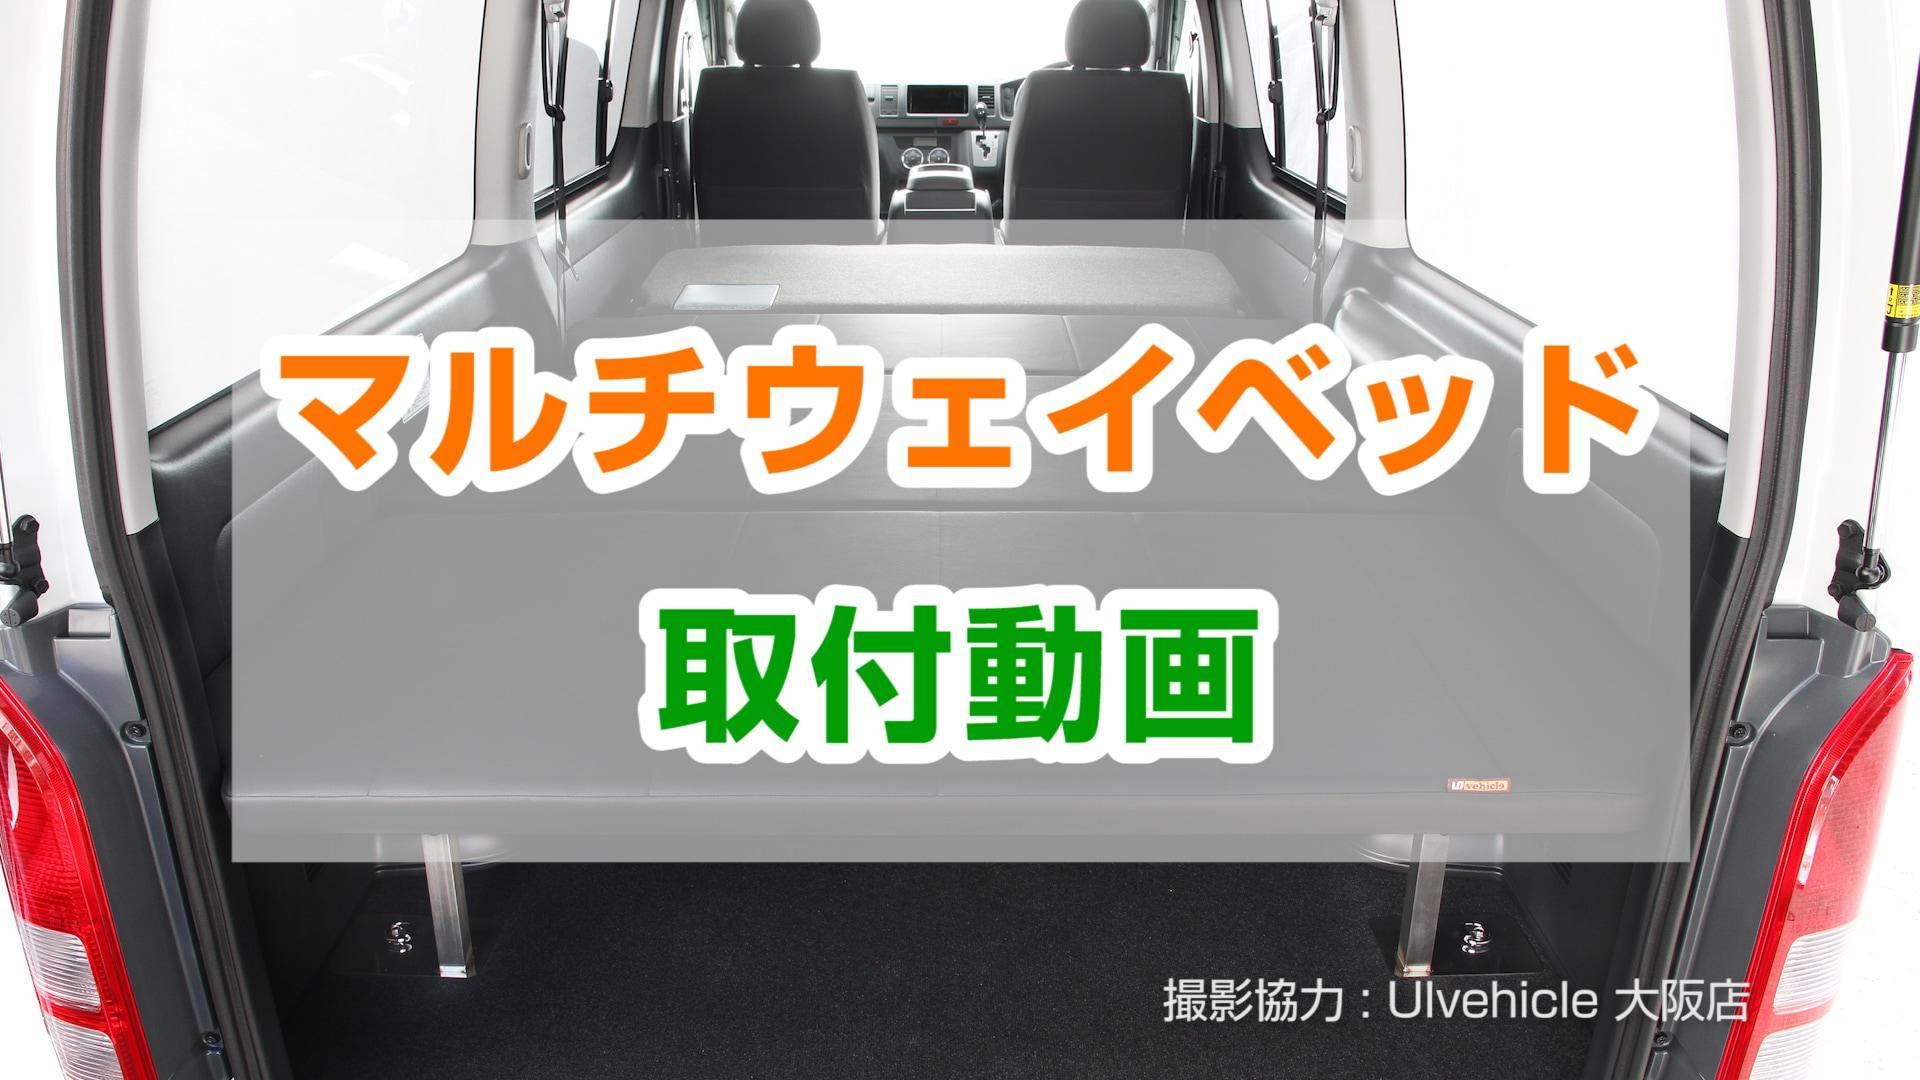 ハイエース200系 マルチウェイベッドキット取り付け動画